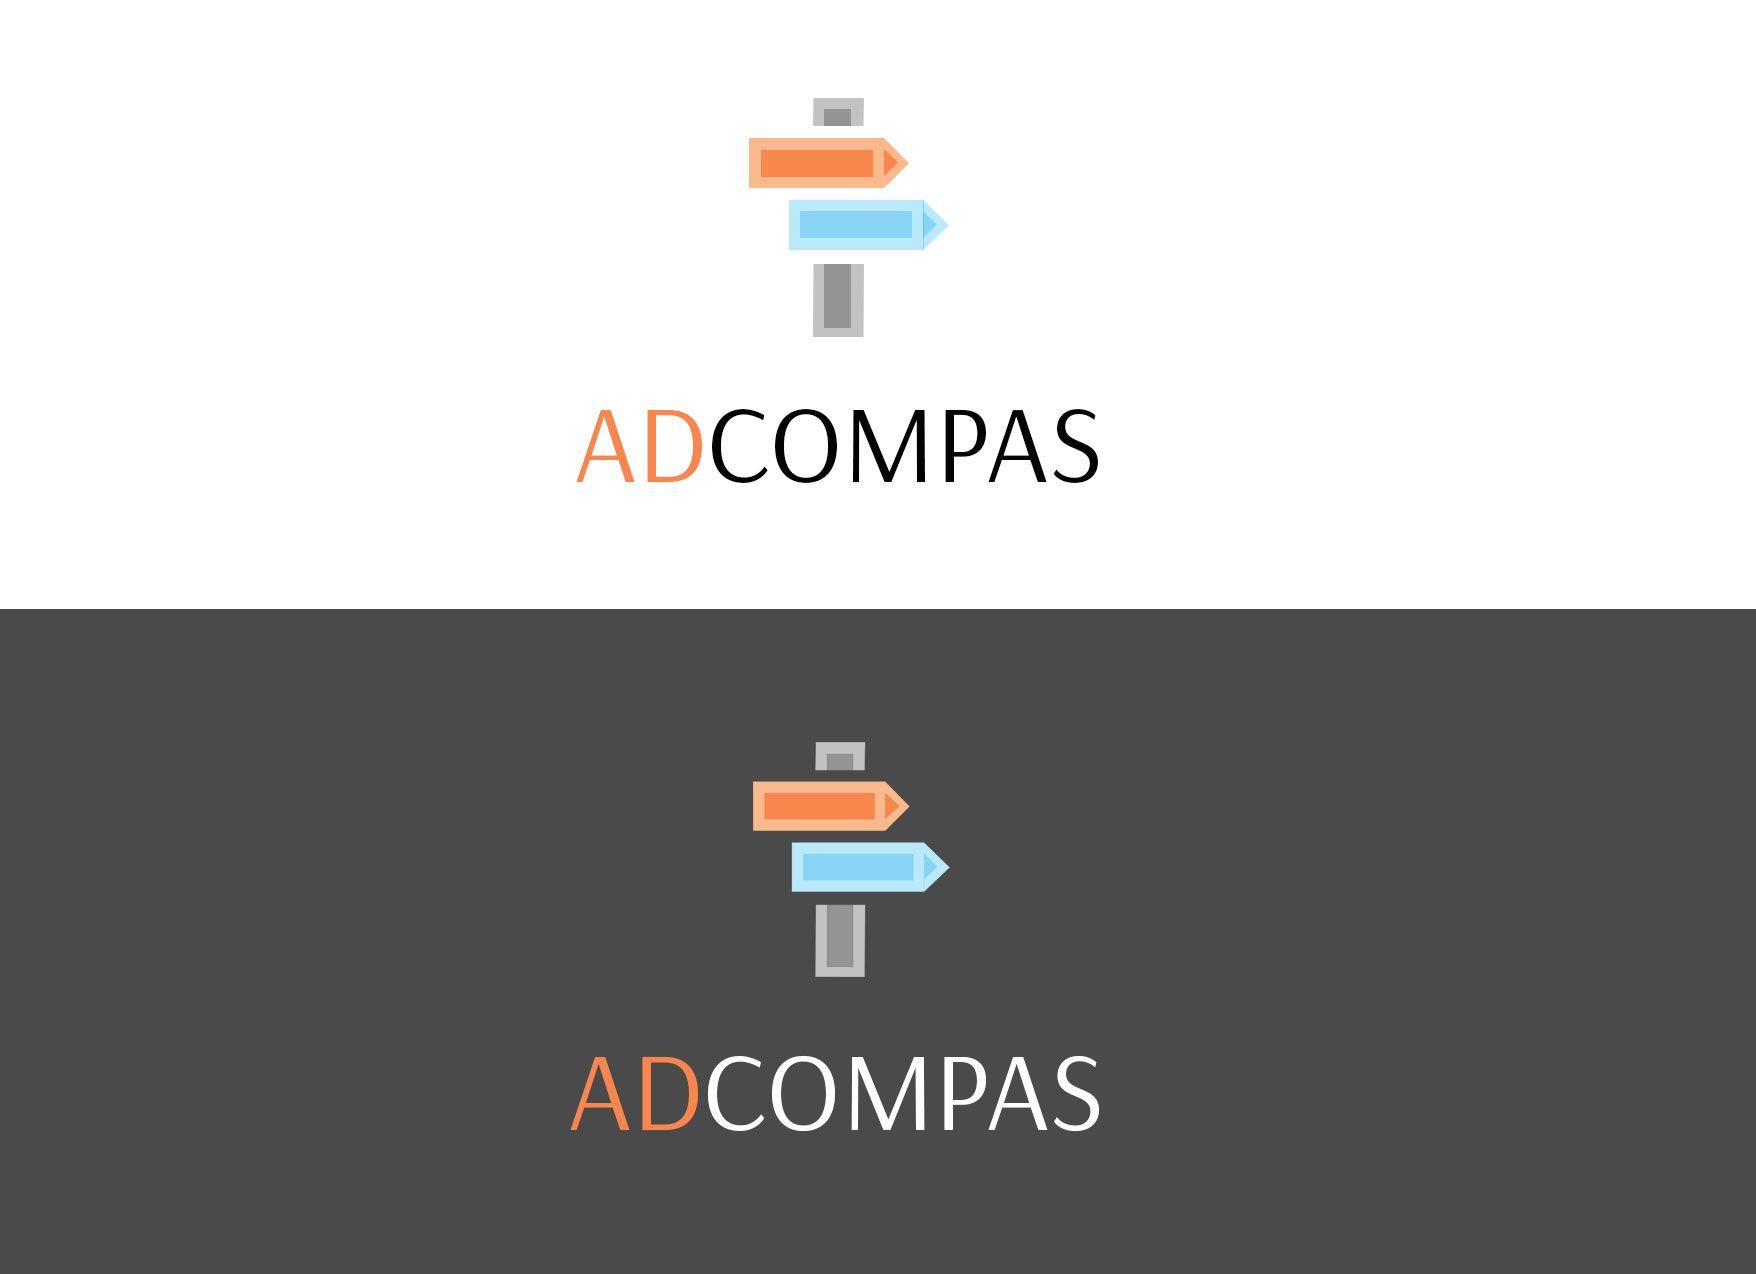 Нужен логотип для сайта рекламной компании СPA  - дизайнер Tigra